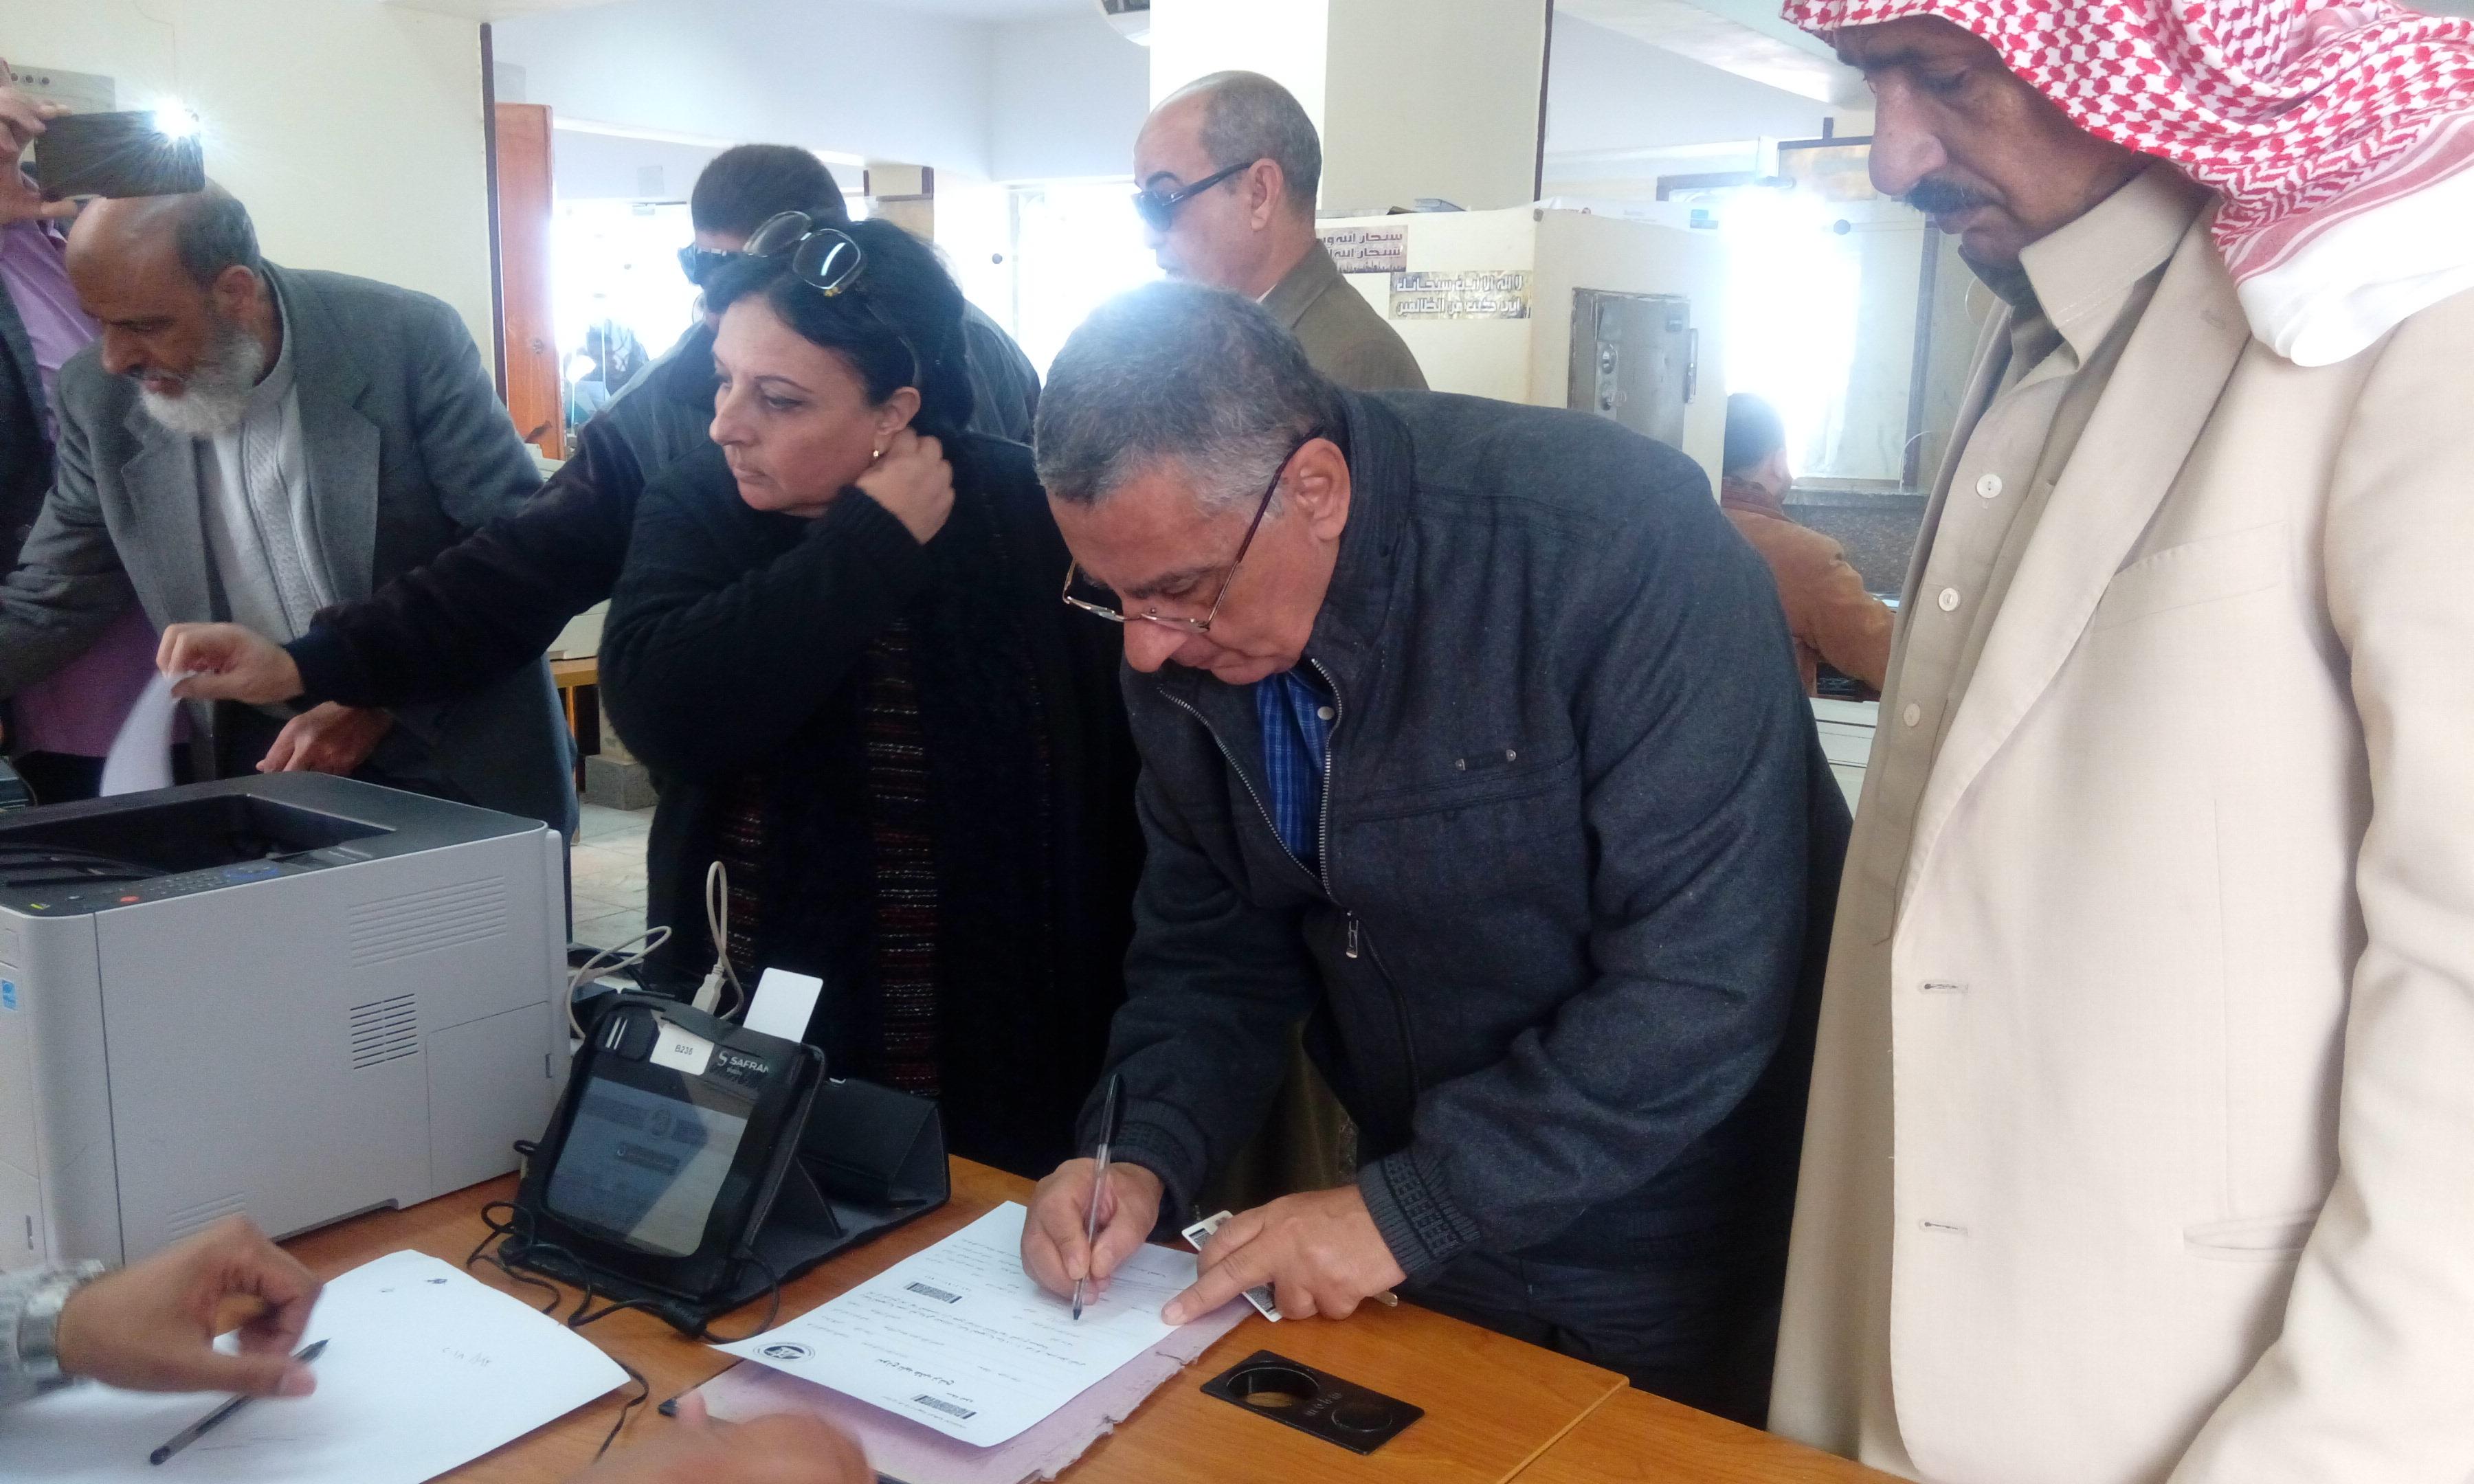 مشايخ البدو يعملون توكيلات الترشيح الرئيس السيسي